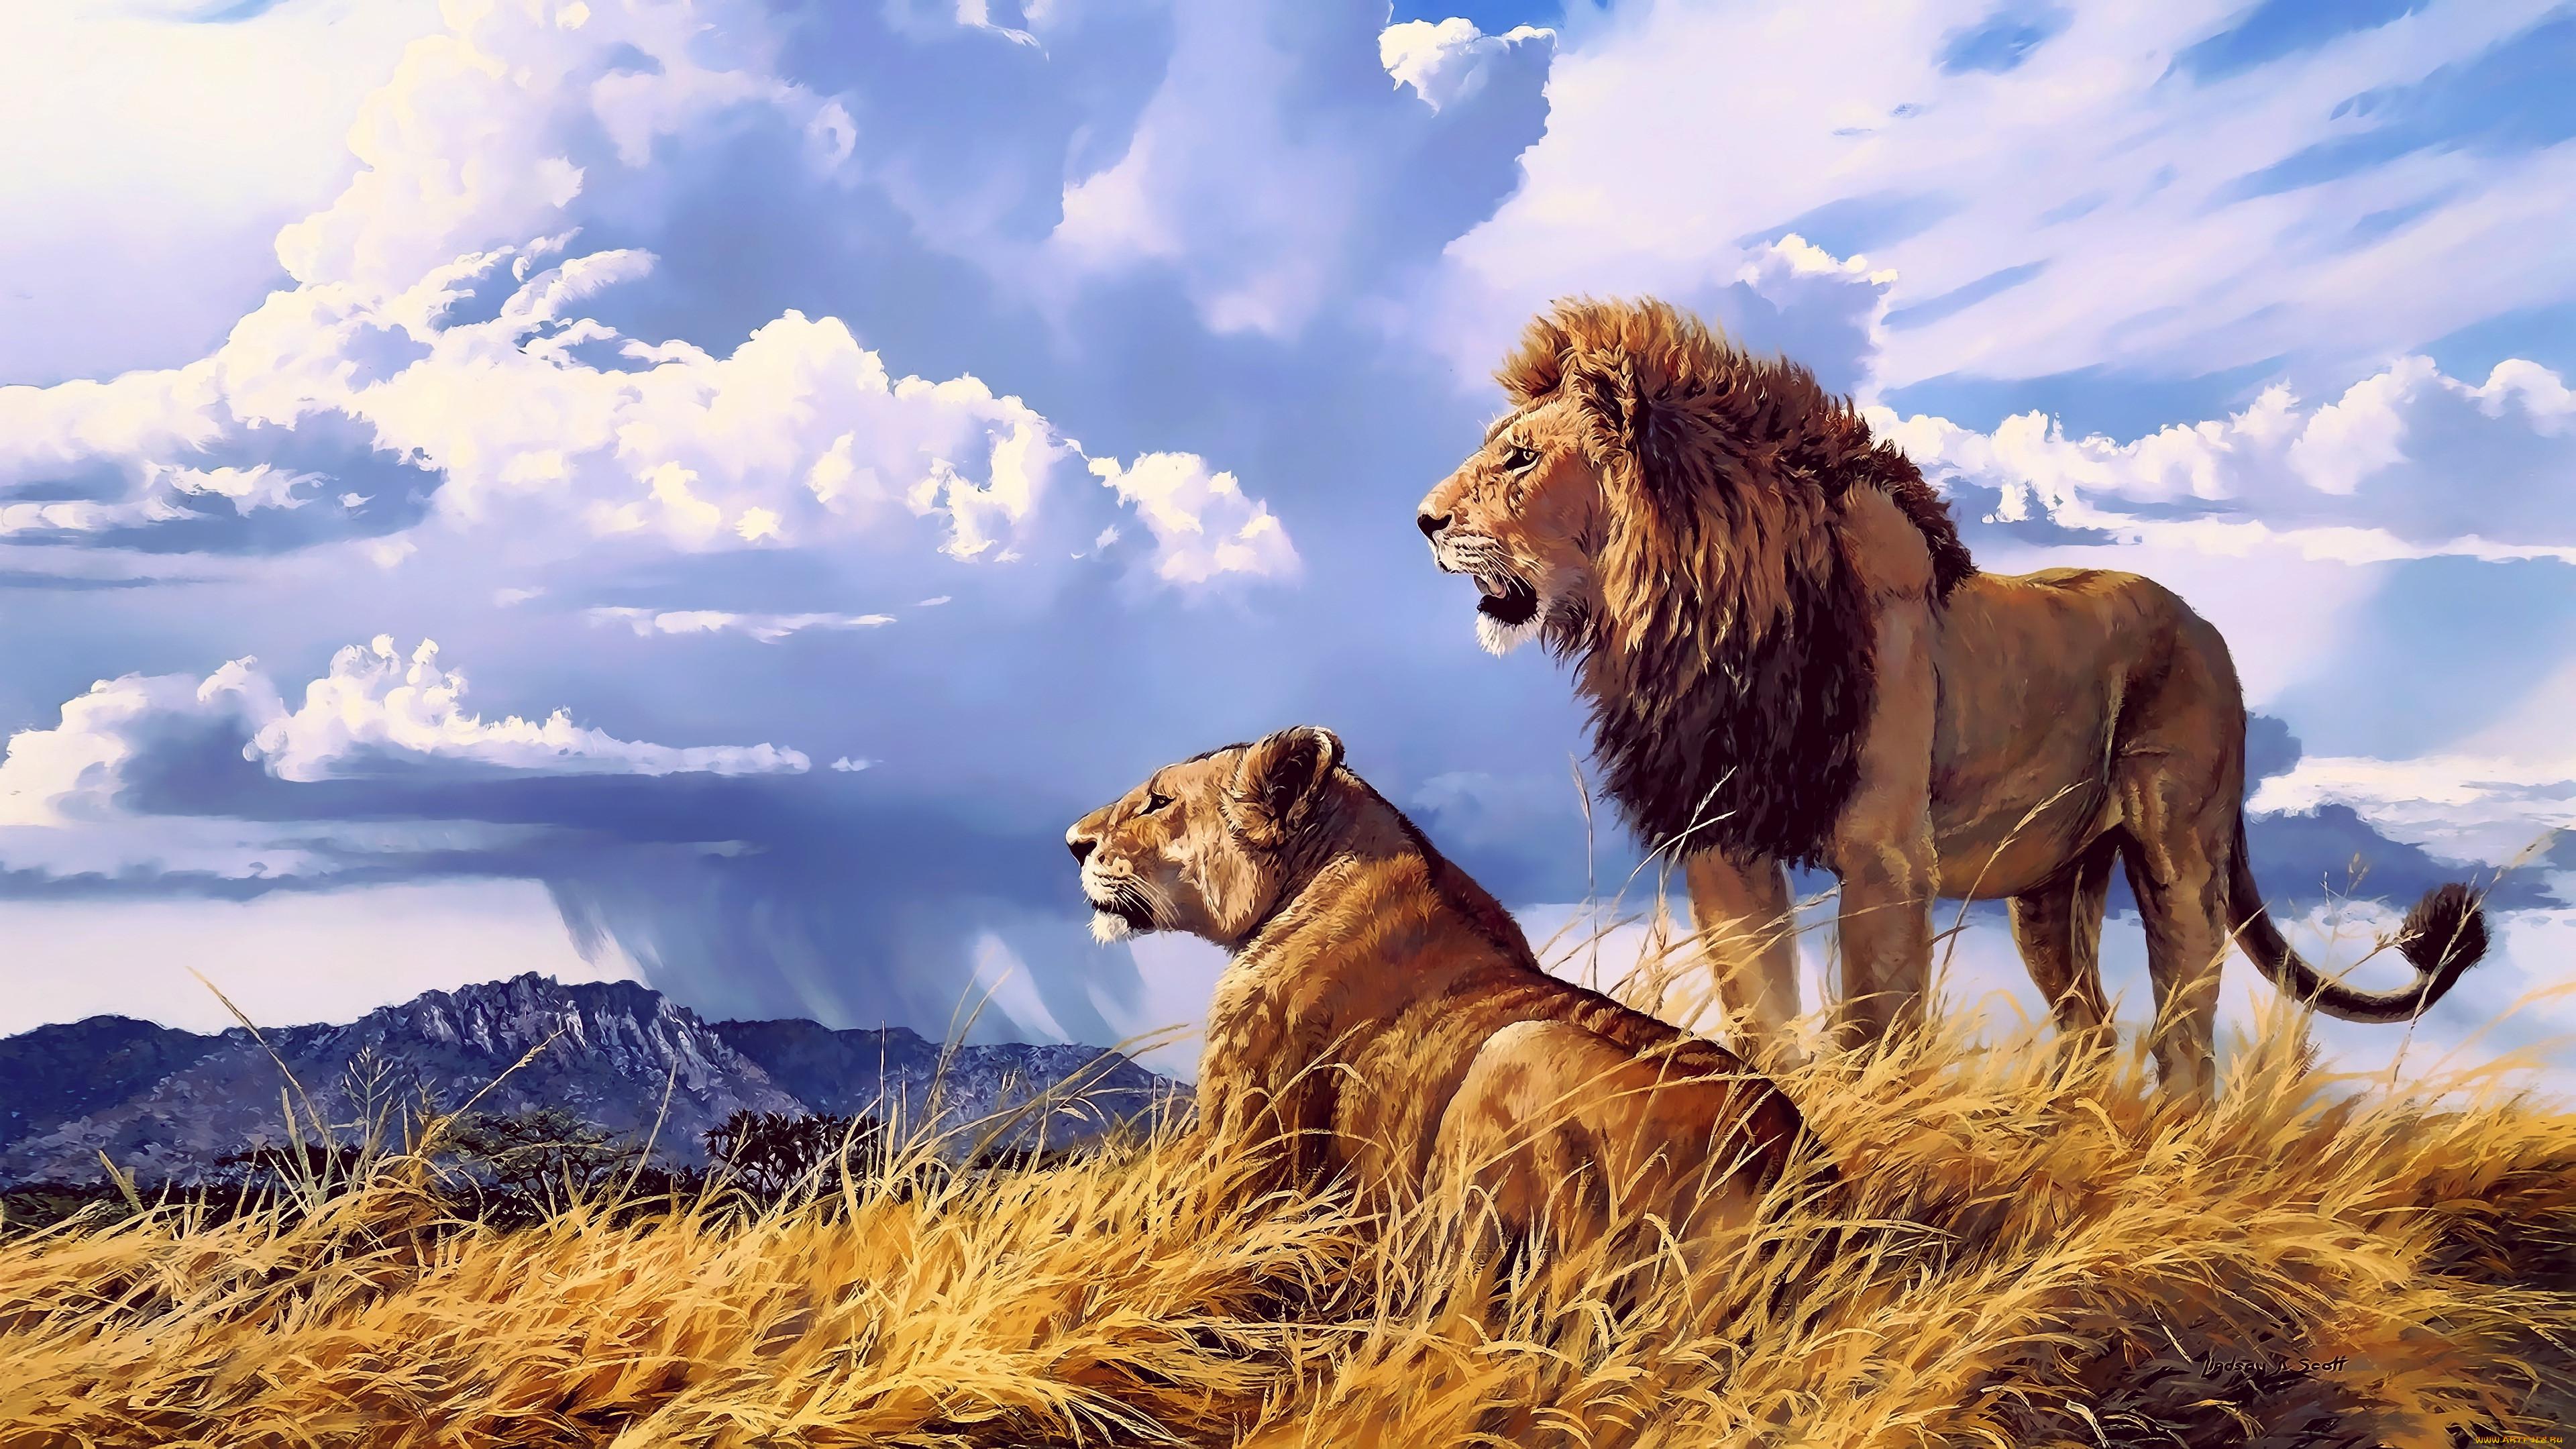 словам юноши, картинки для скачивания львы бань